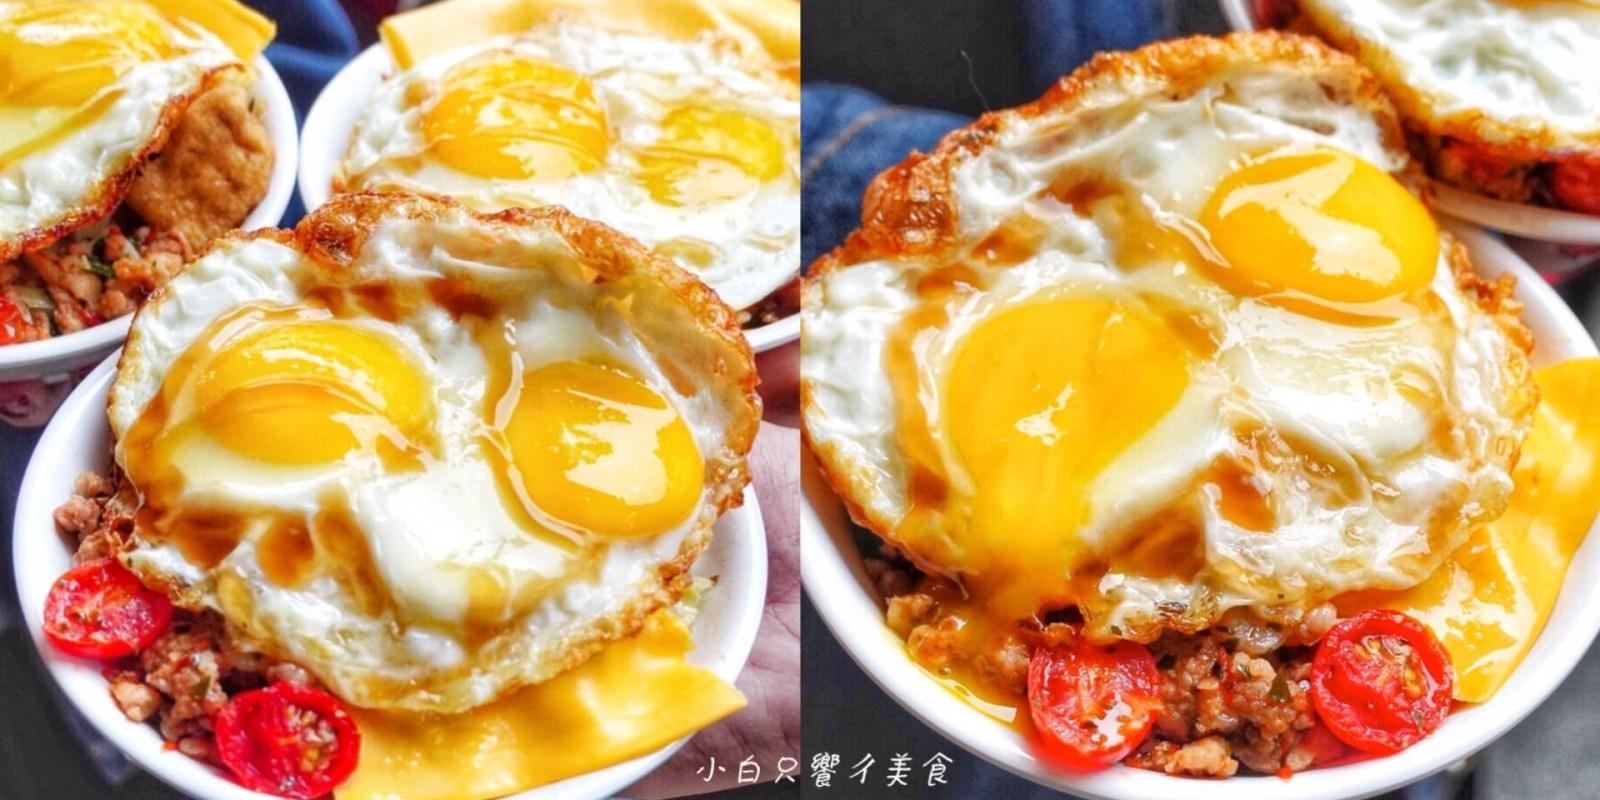 【台南美食】原來還有這種吃法 「林記食堂」半熟雙蛋+起司片「波霸滷肉飯」畫面超邪惡療癒 太欠吃了